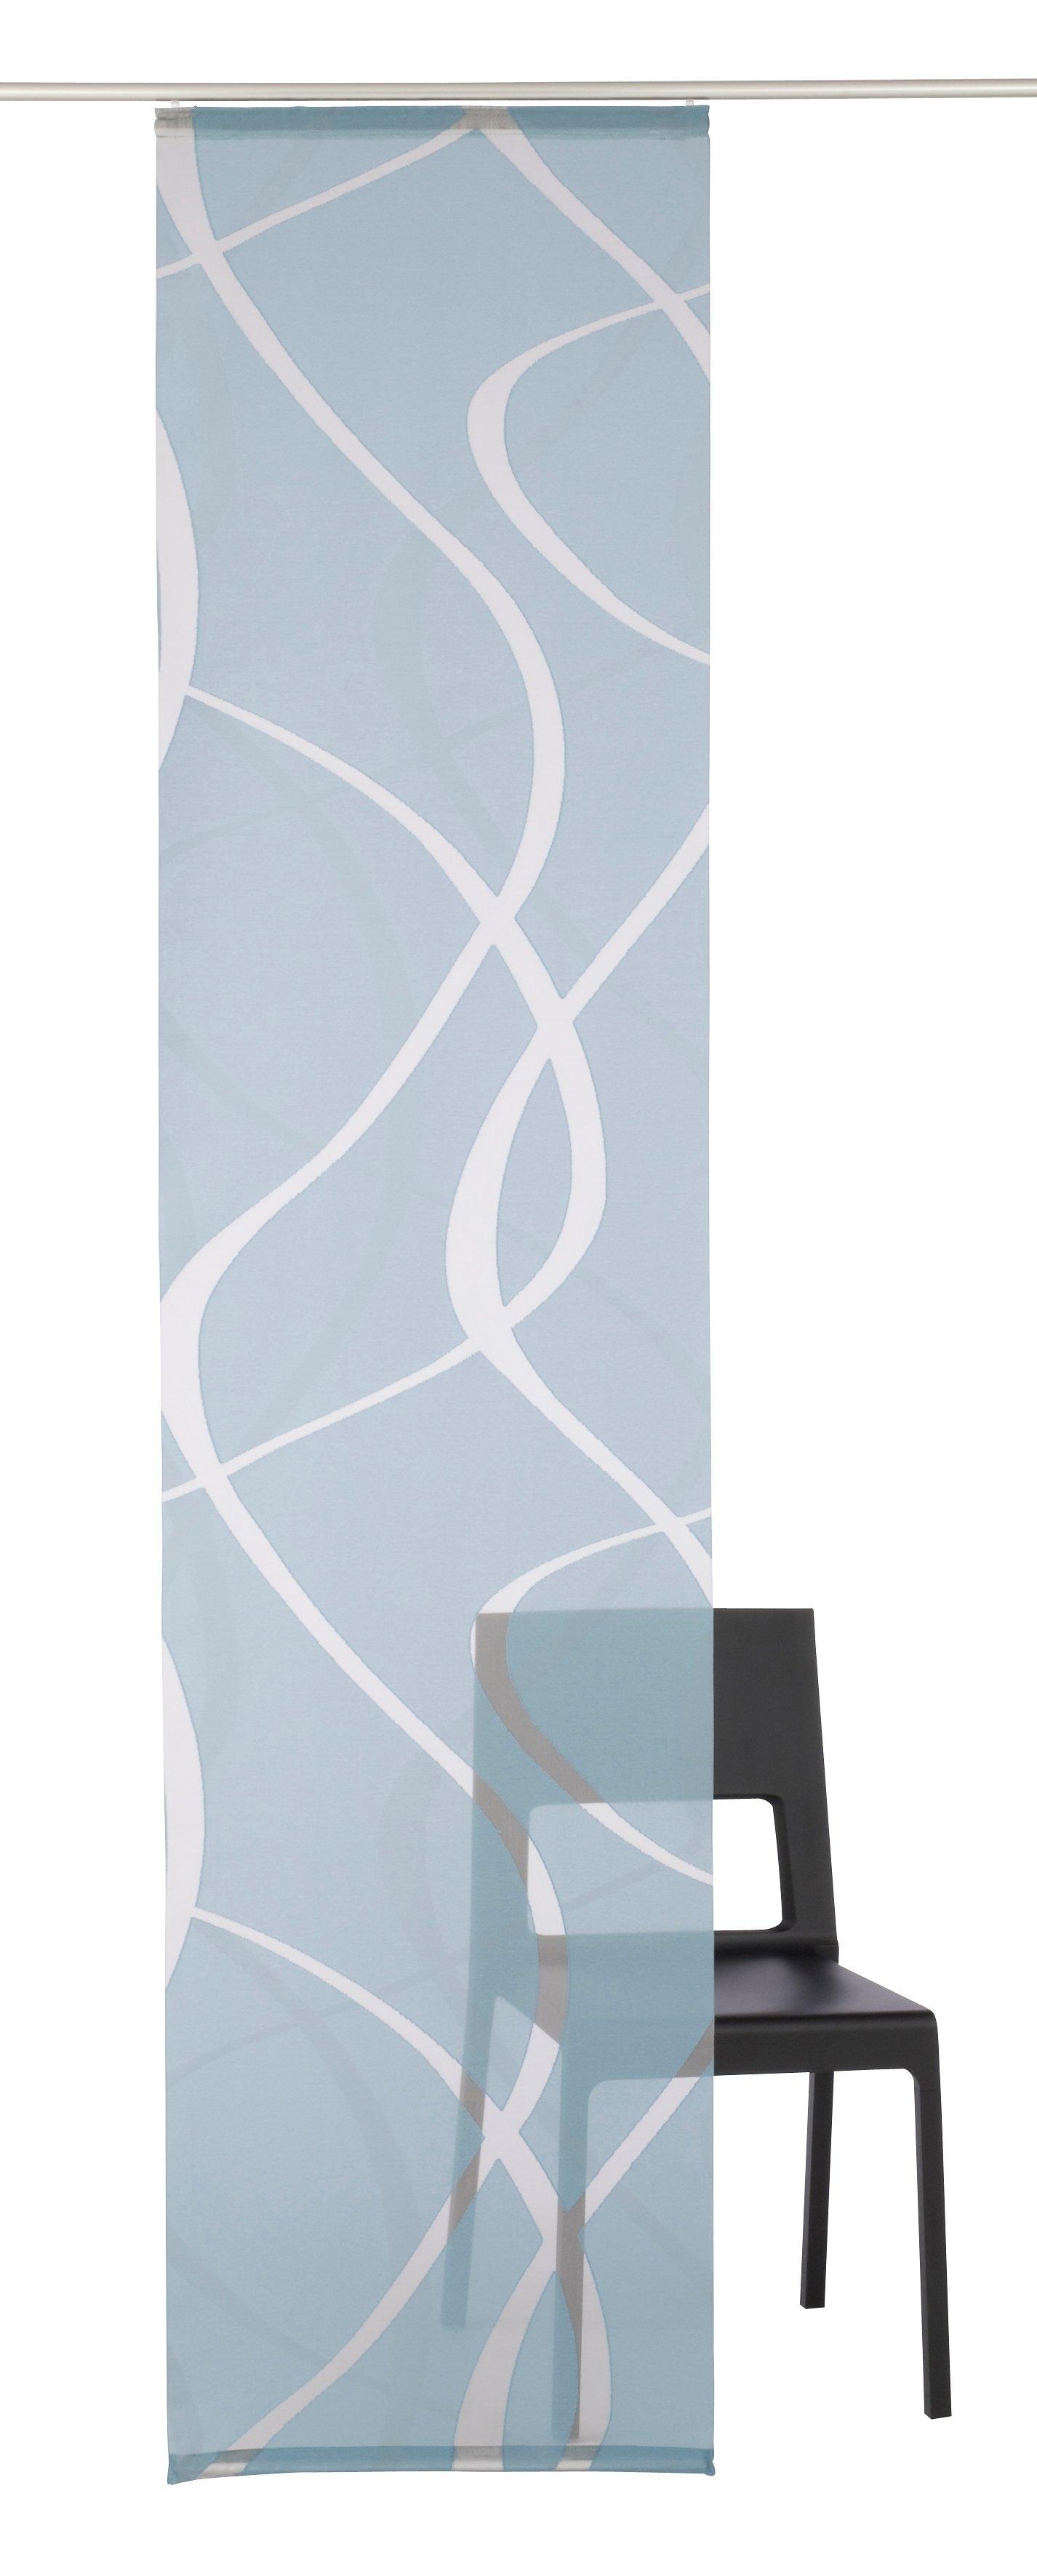 Neutex for you! paneelgordijn Rumbek inclusief bevestigingsmateriaal, breedte: 57 cm (1 stuk) nu online kopen bij OTTO